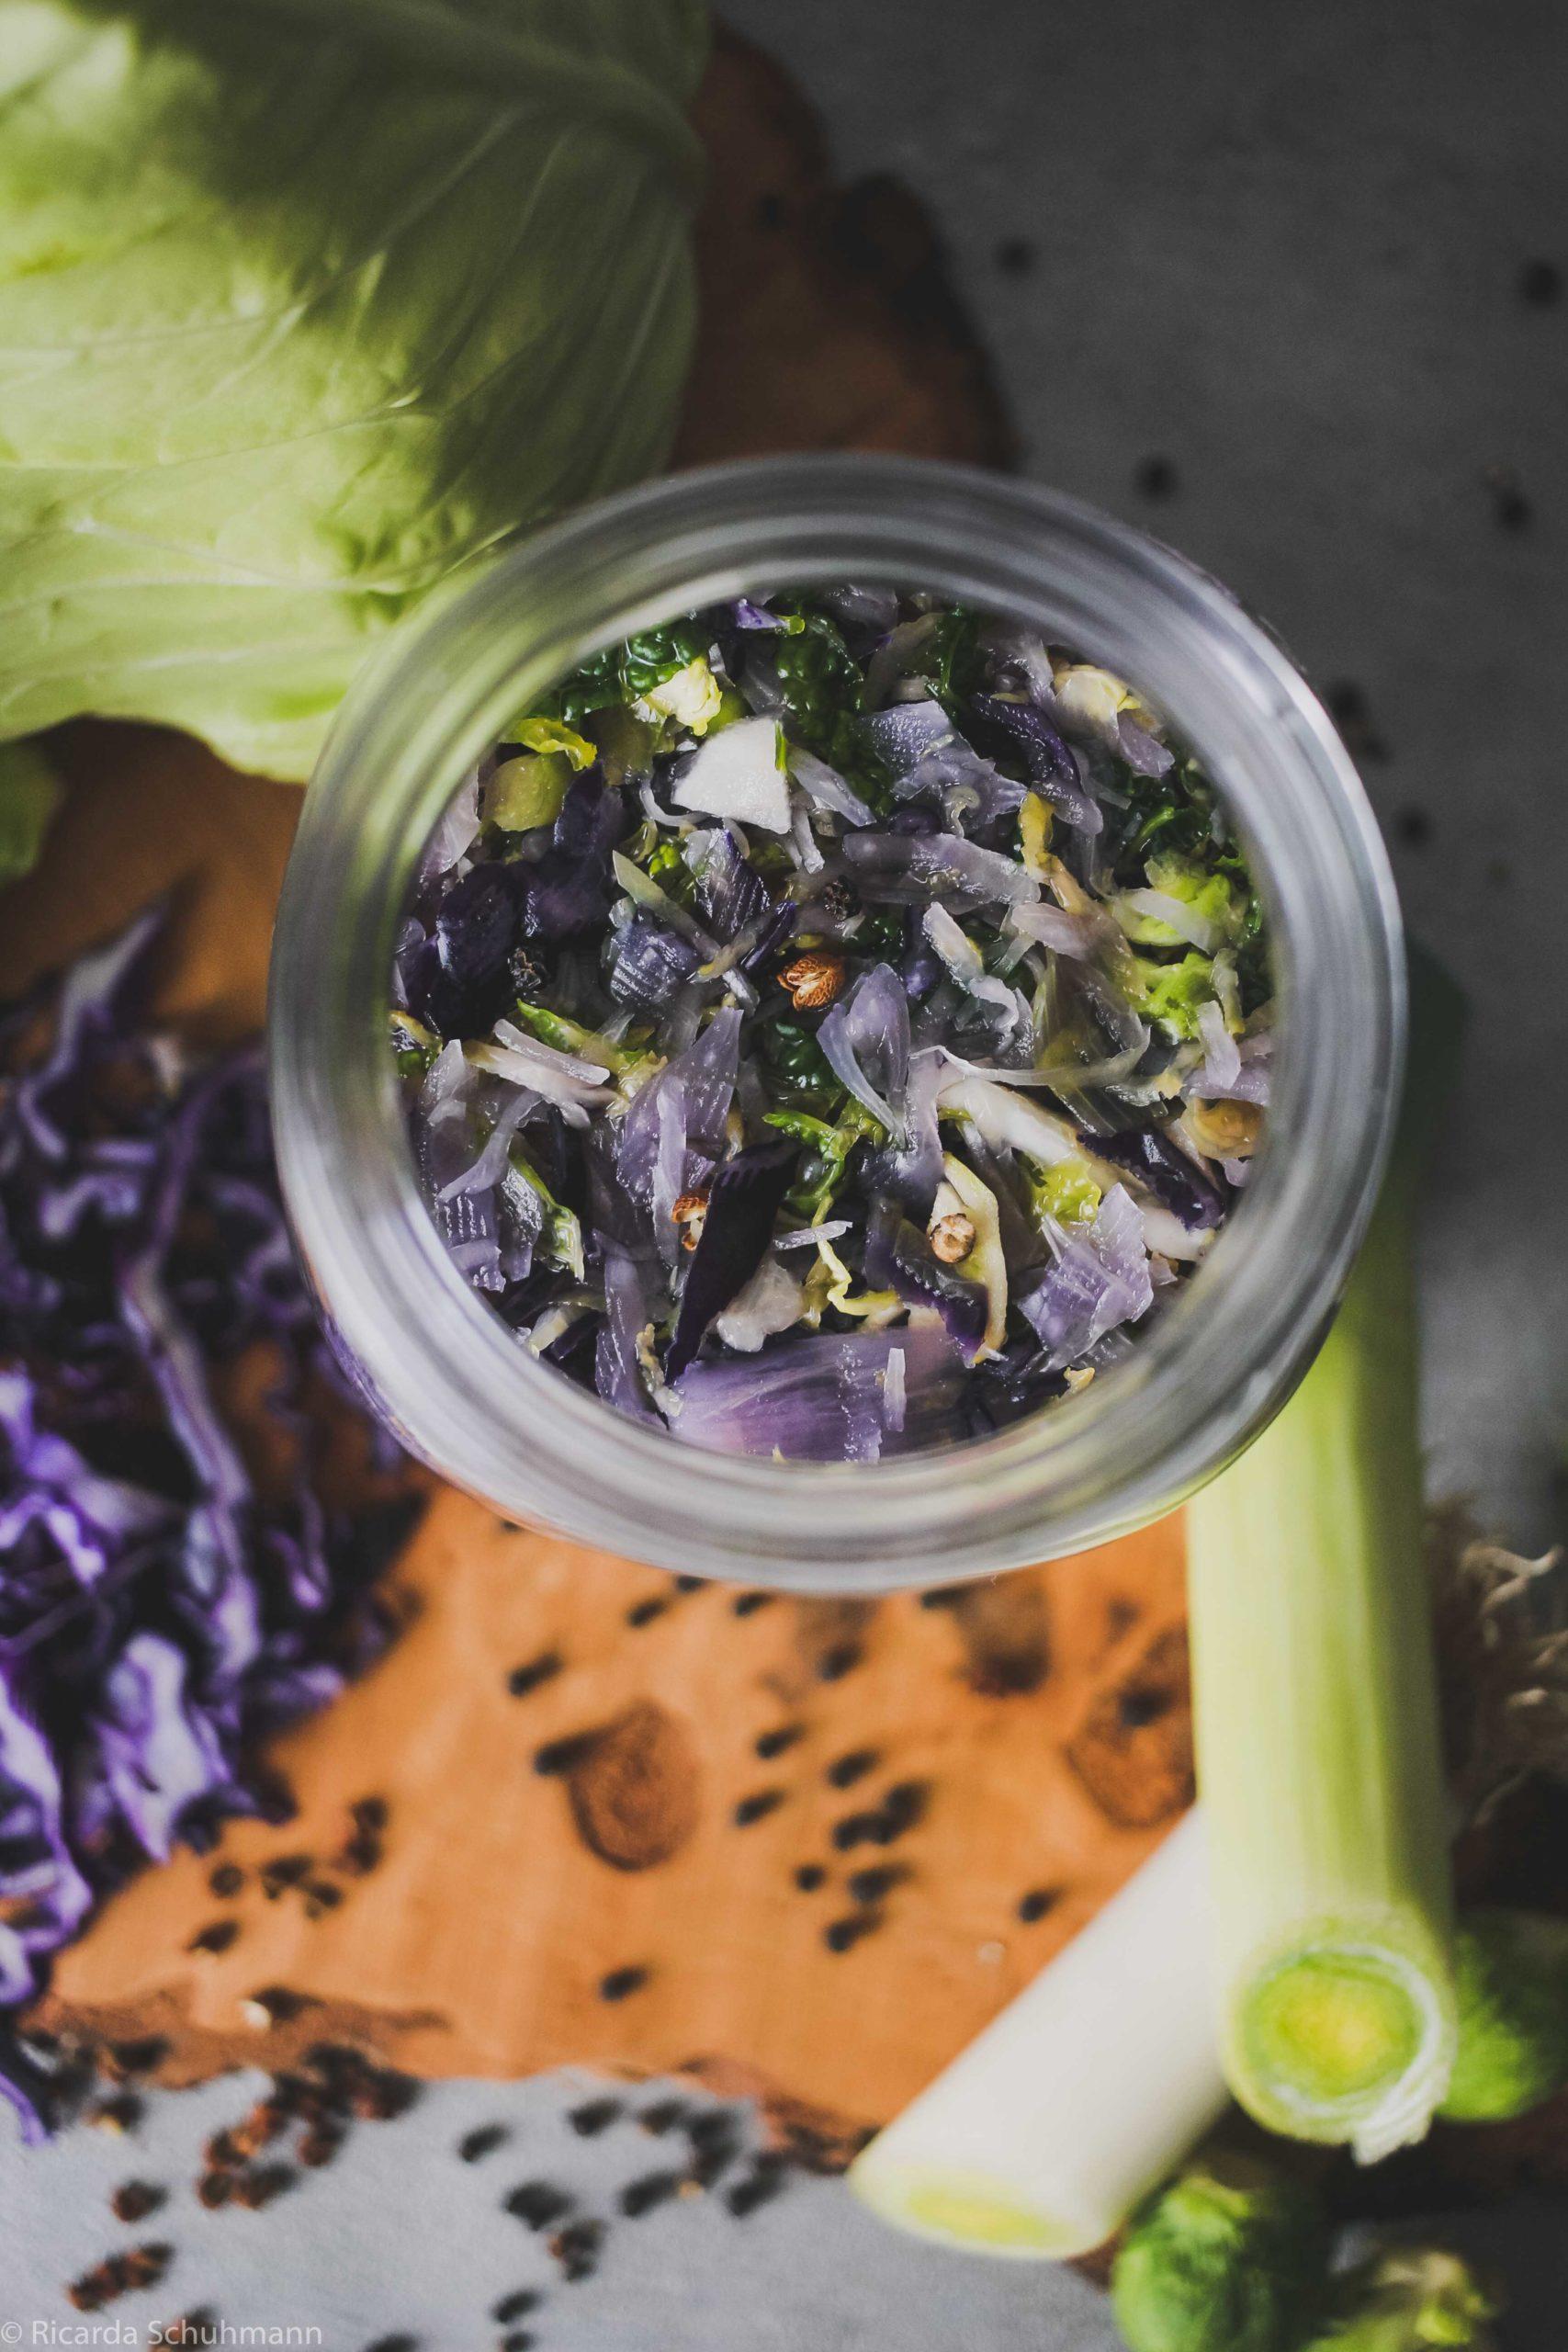 Spitzkohl fermentiert mit Wirsing, Rosenkohl, Rotkohl und Szechuan Pfeffer